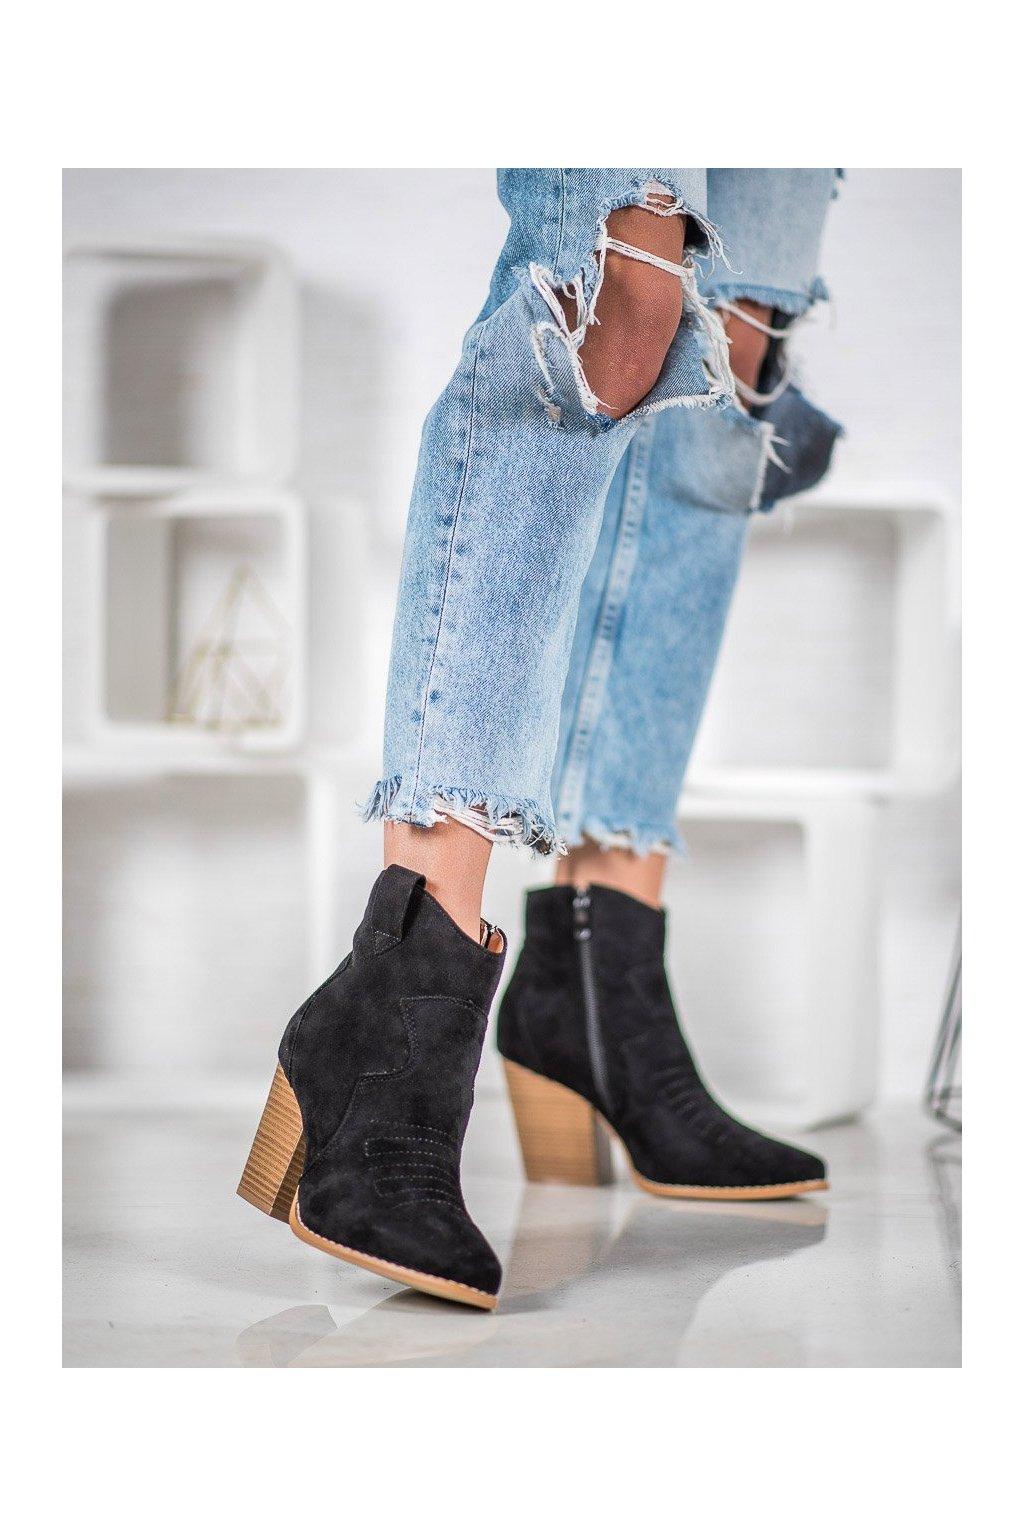 Čierne dámske topánky na hrubom podpätku Bella paris kod A5602B